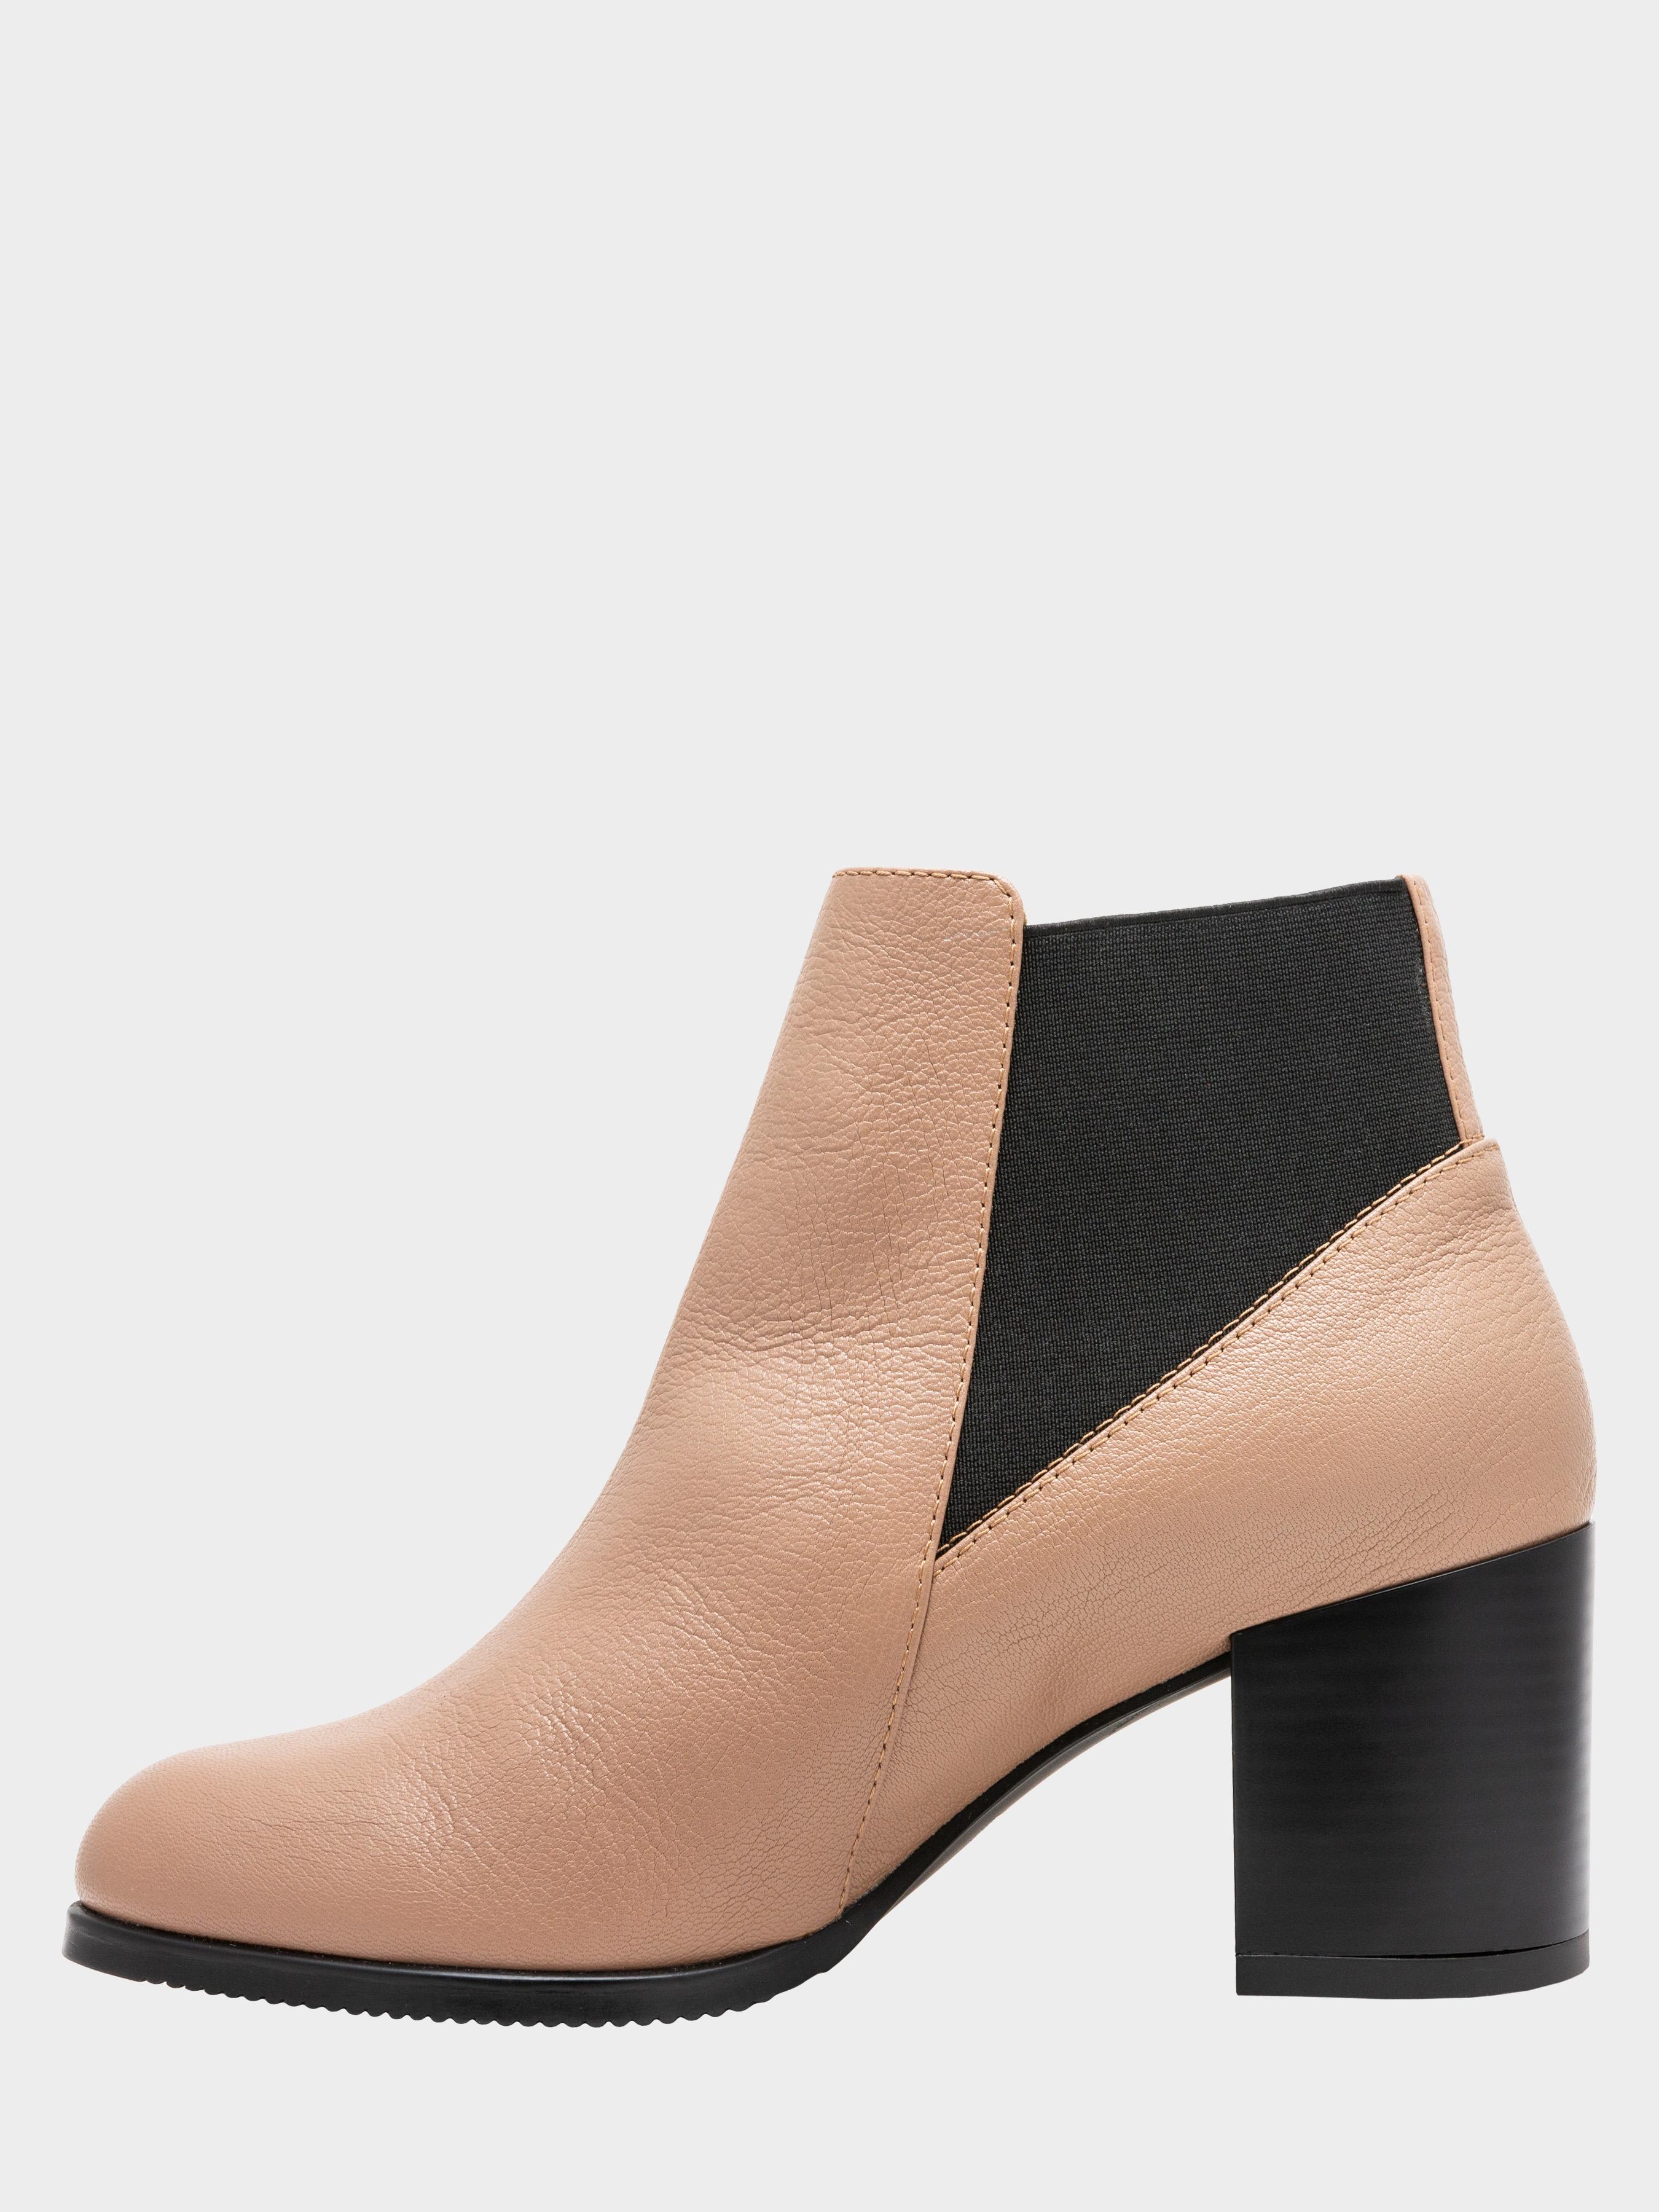 Ботинки для женщин Ботинки женские ENZO VERRATTI 18-1270-6be брендовая обувь, 2017